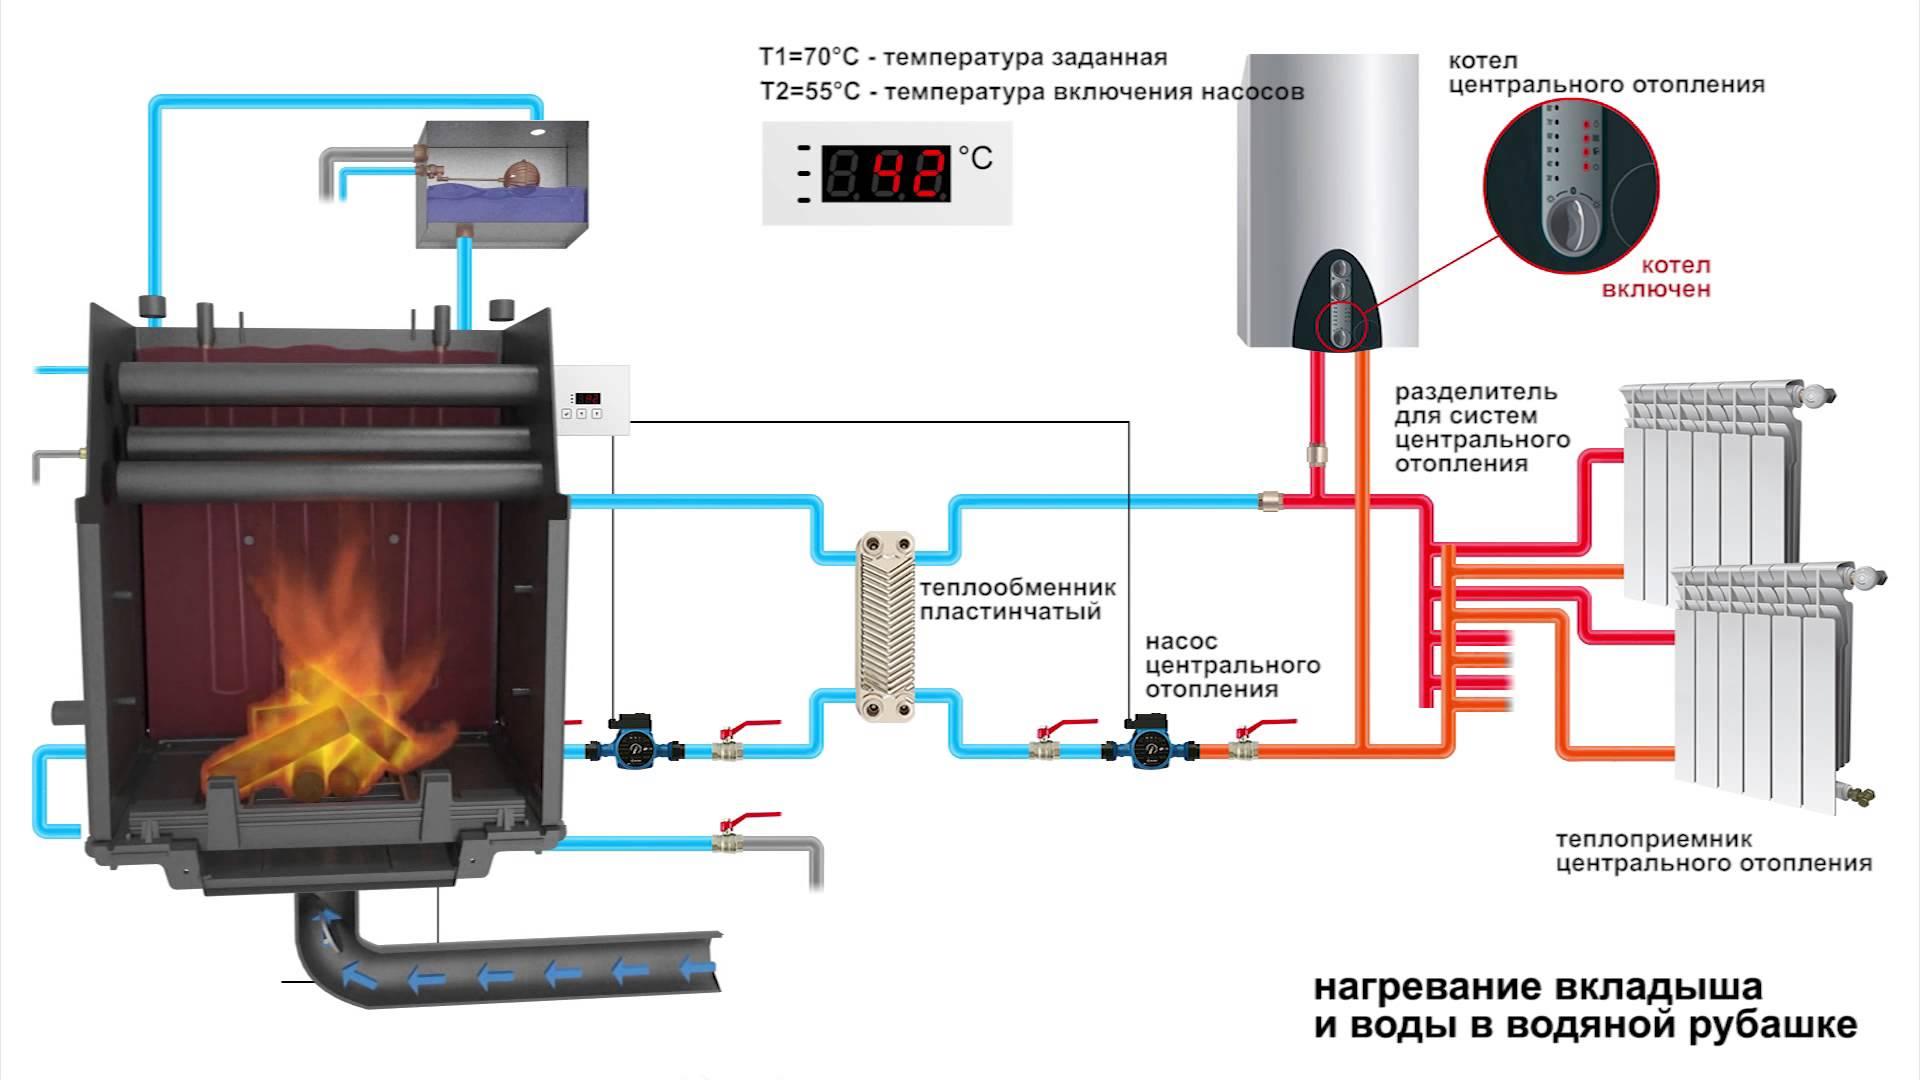 Принцип работы печи-камина с водяным контуром отопления